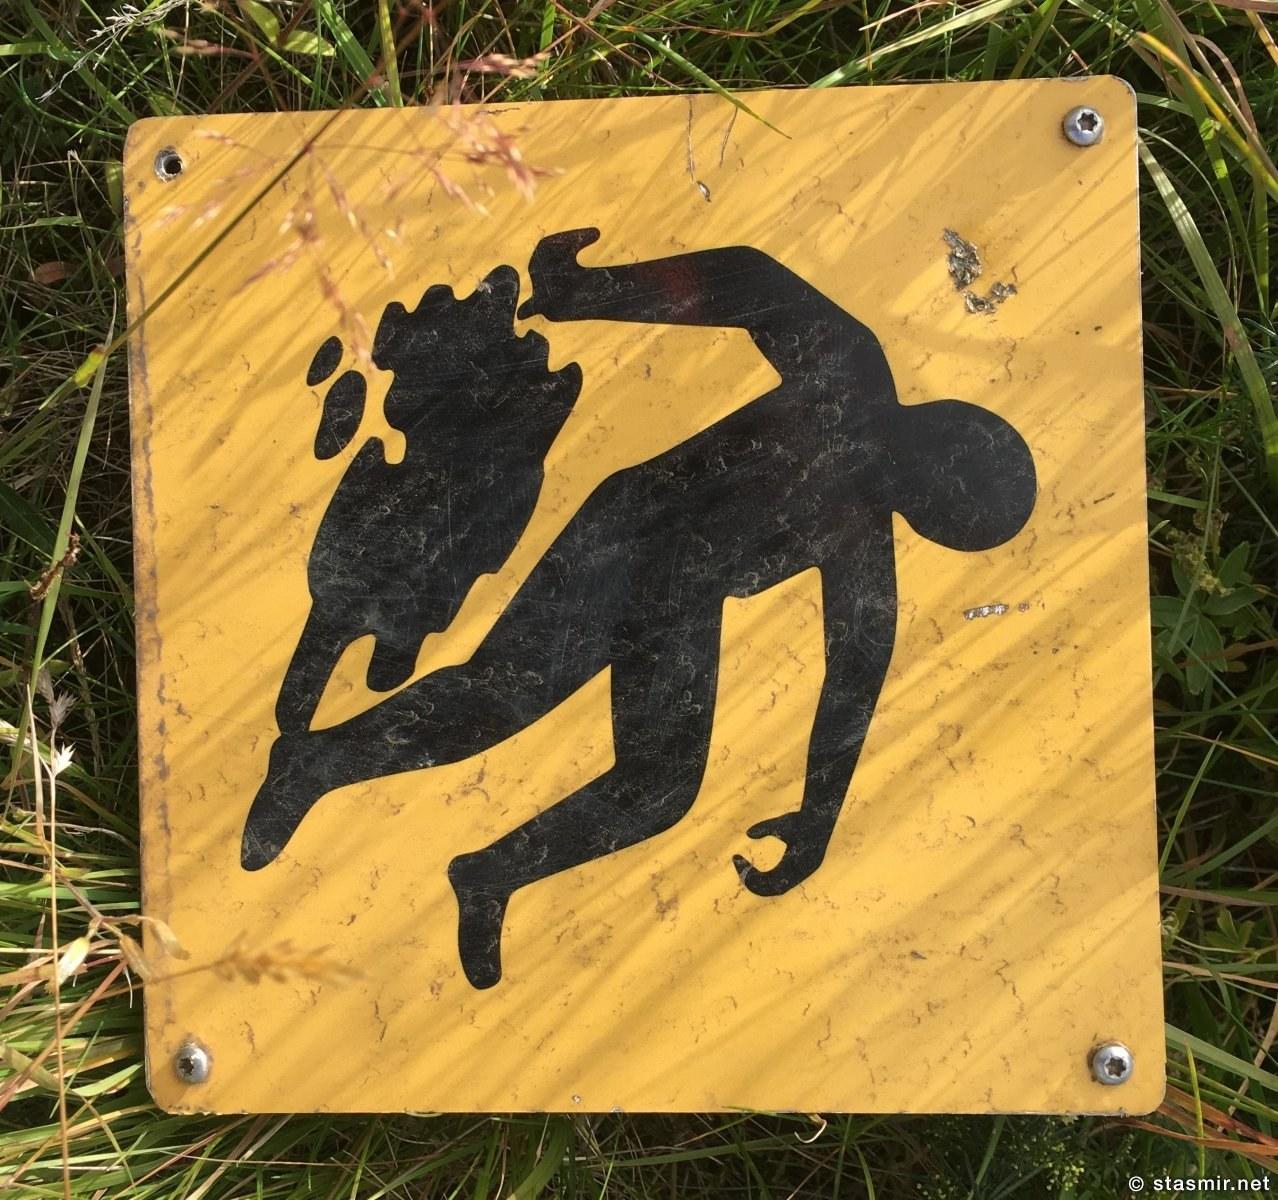 drunk - предупредительный знак в Исландии, фото Стасмир, photo Stasmir